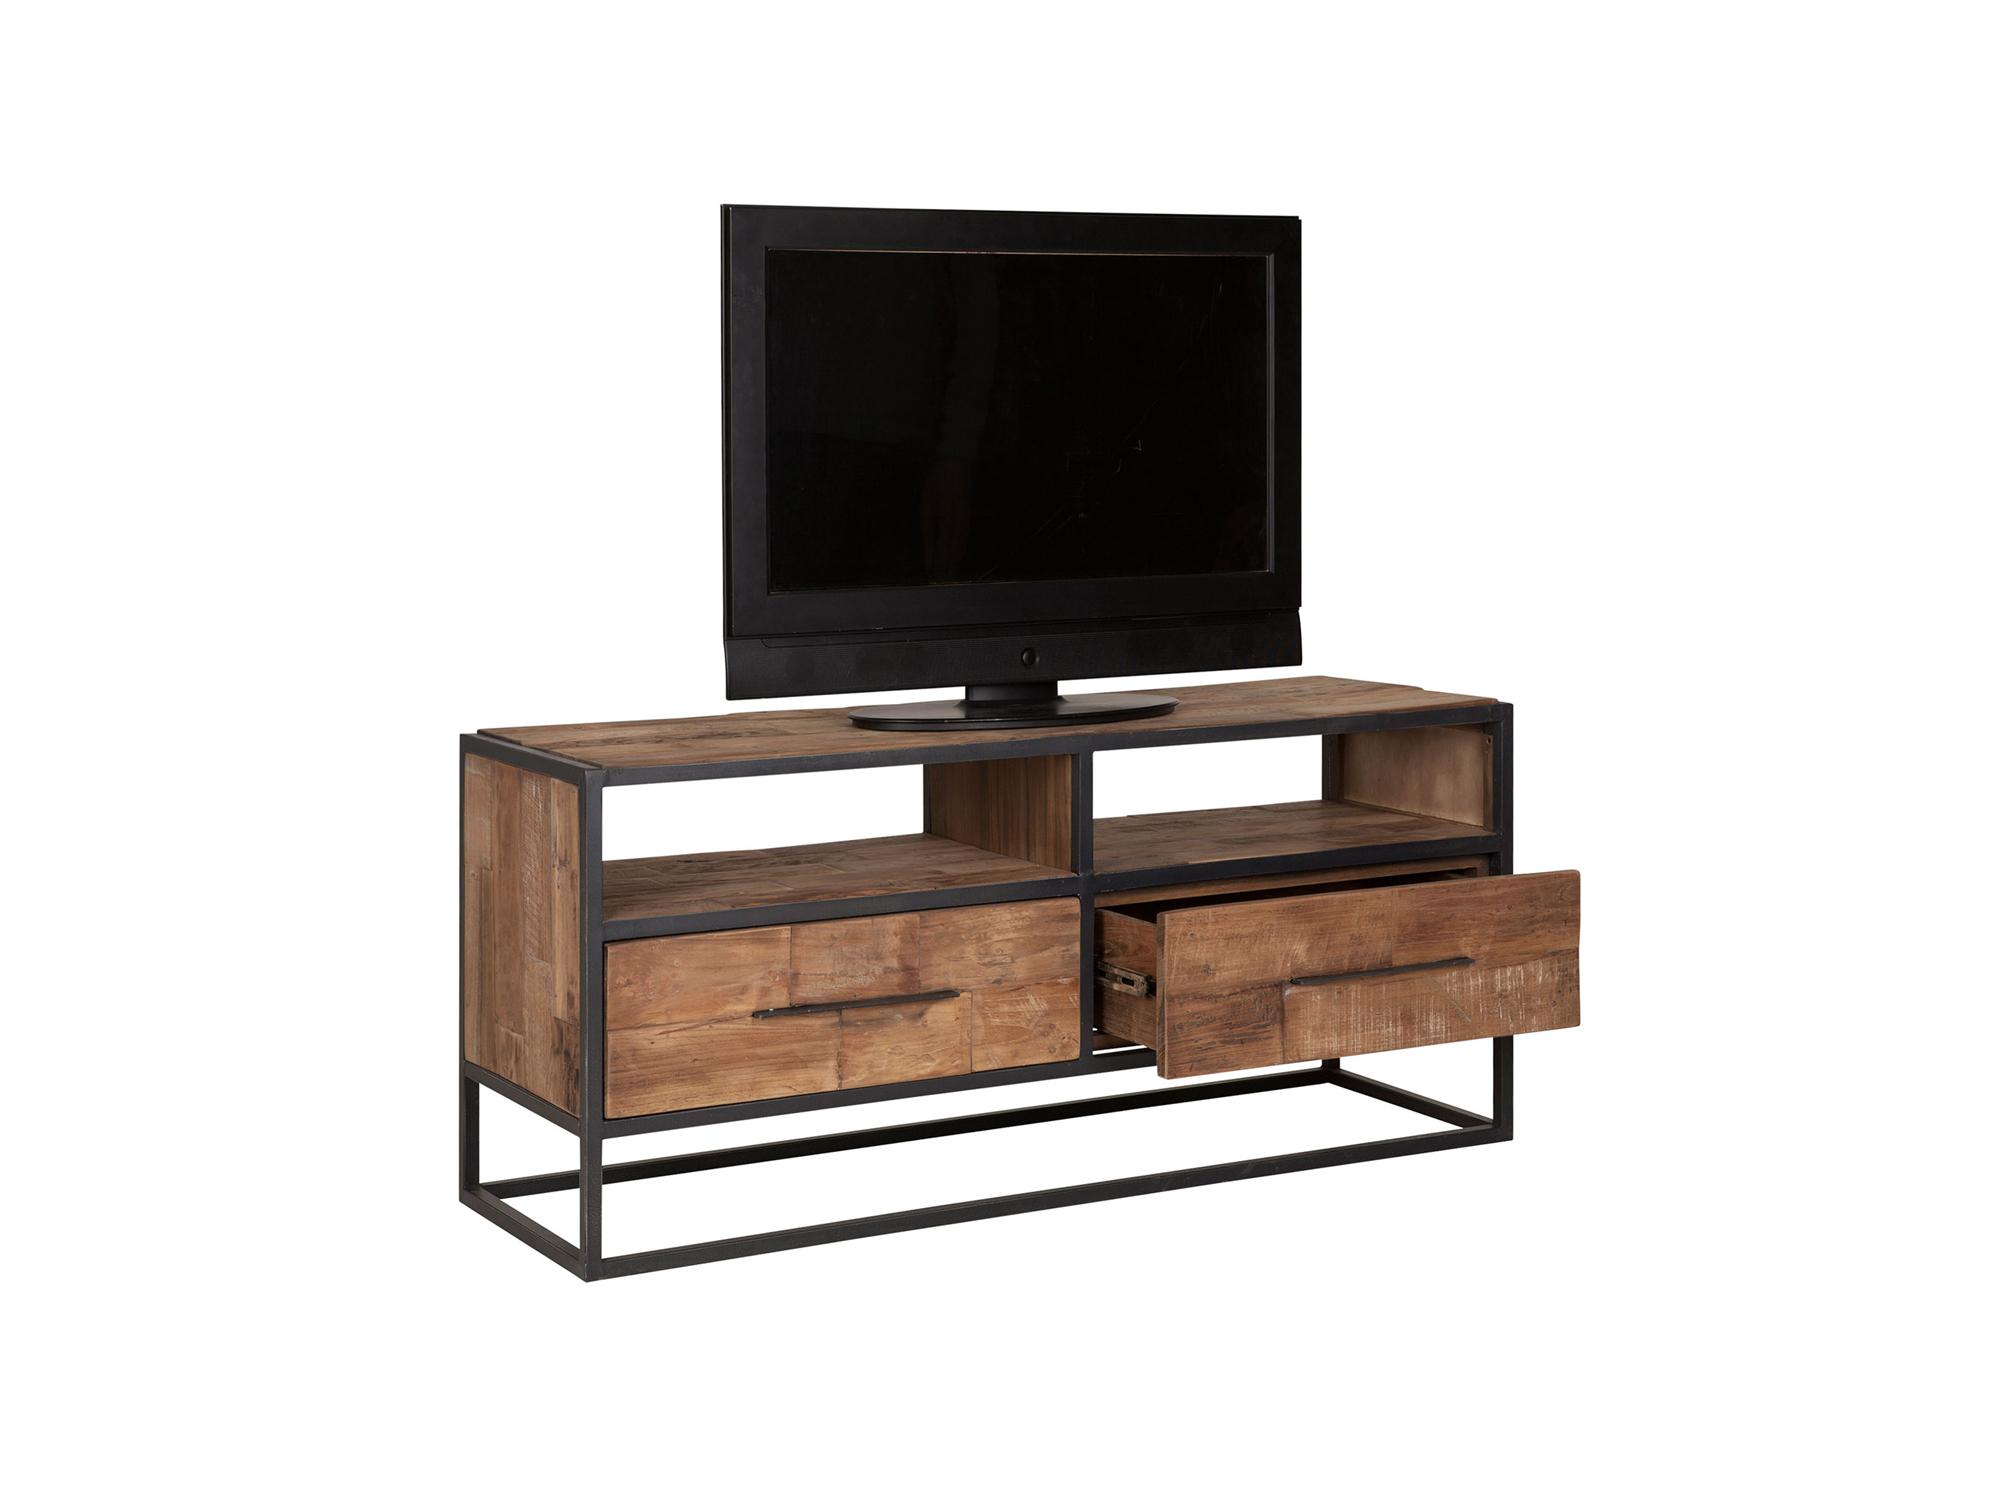 Tv Meubel Teakhout : Bruut tv meubel zwart staal teakhout cm u mavérus meubelen